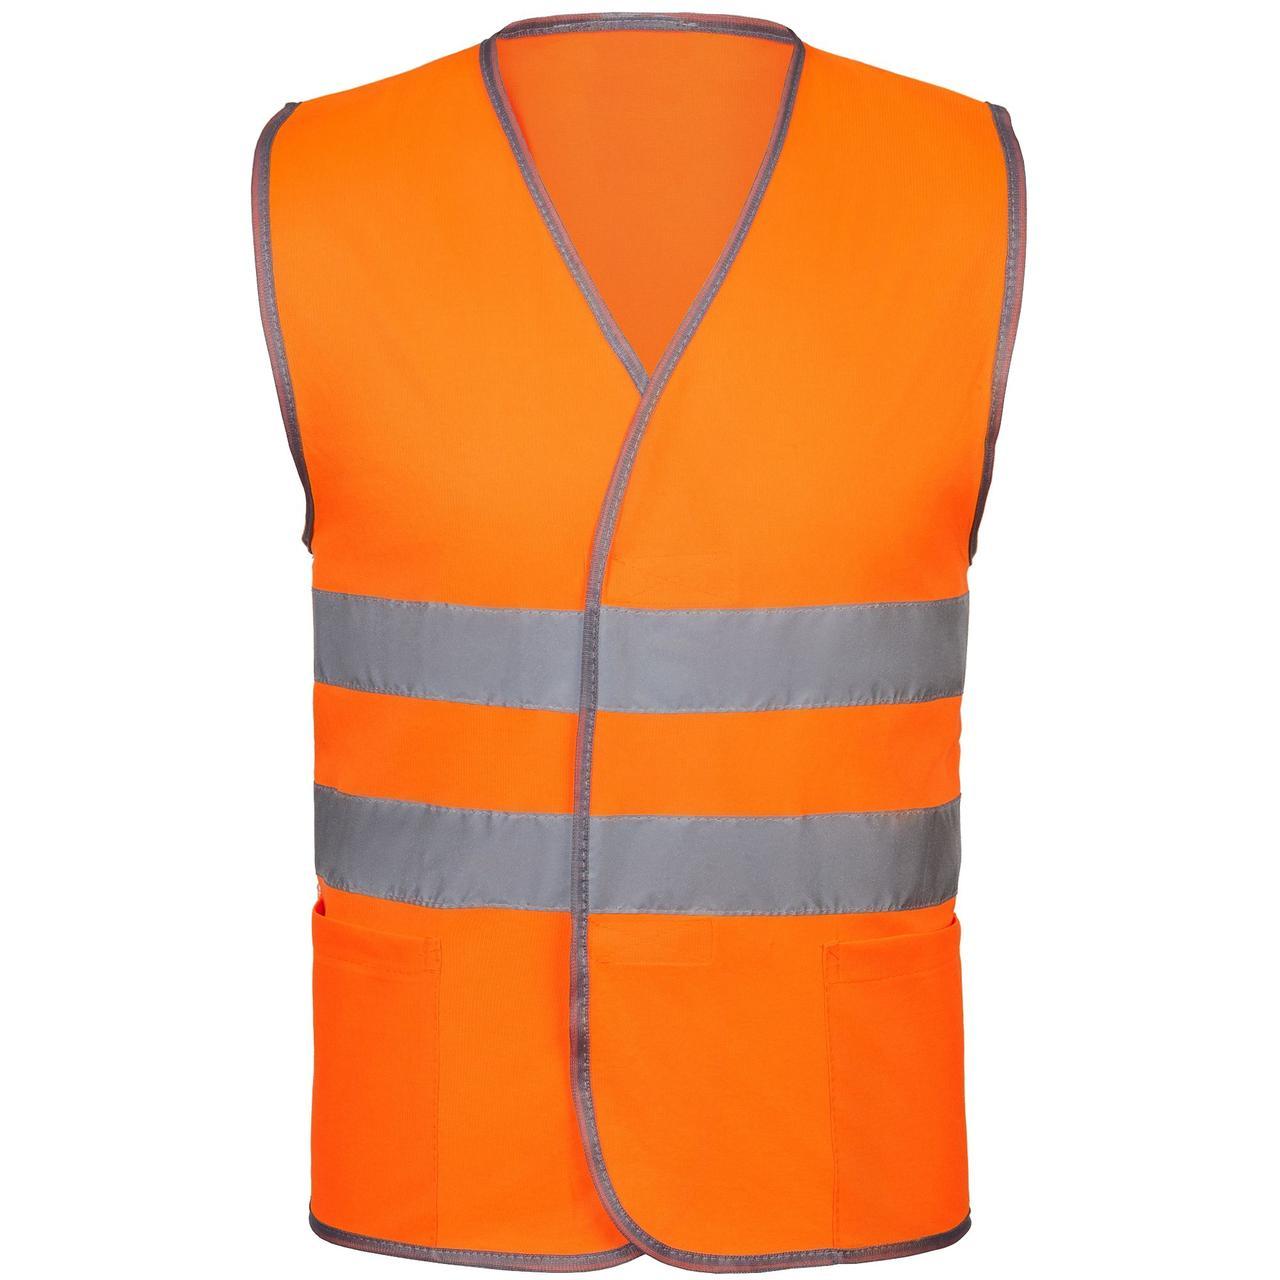 Жилет светоотражающий Reflector, оранжевый неон (артикул 7474.20)